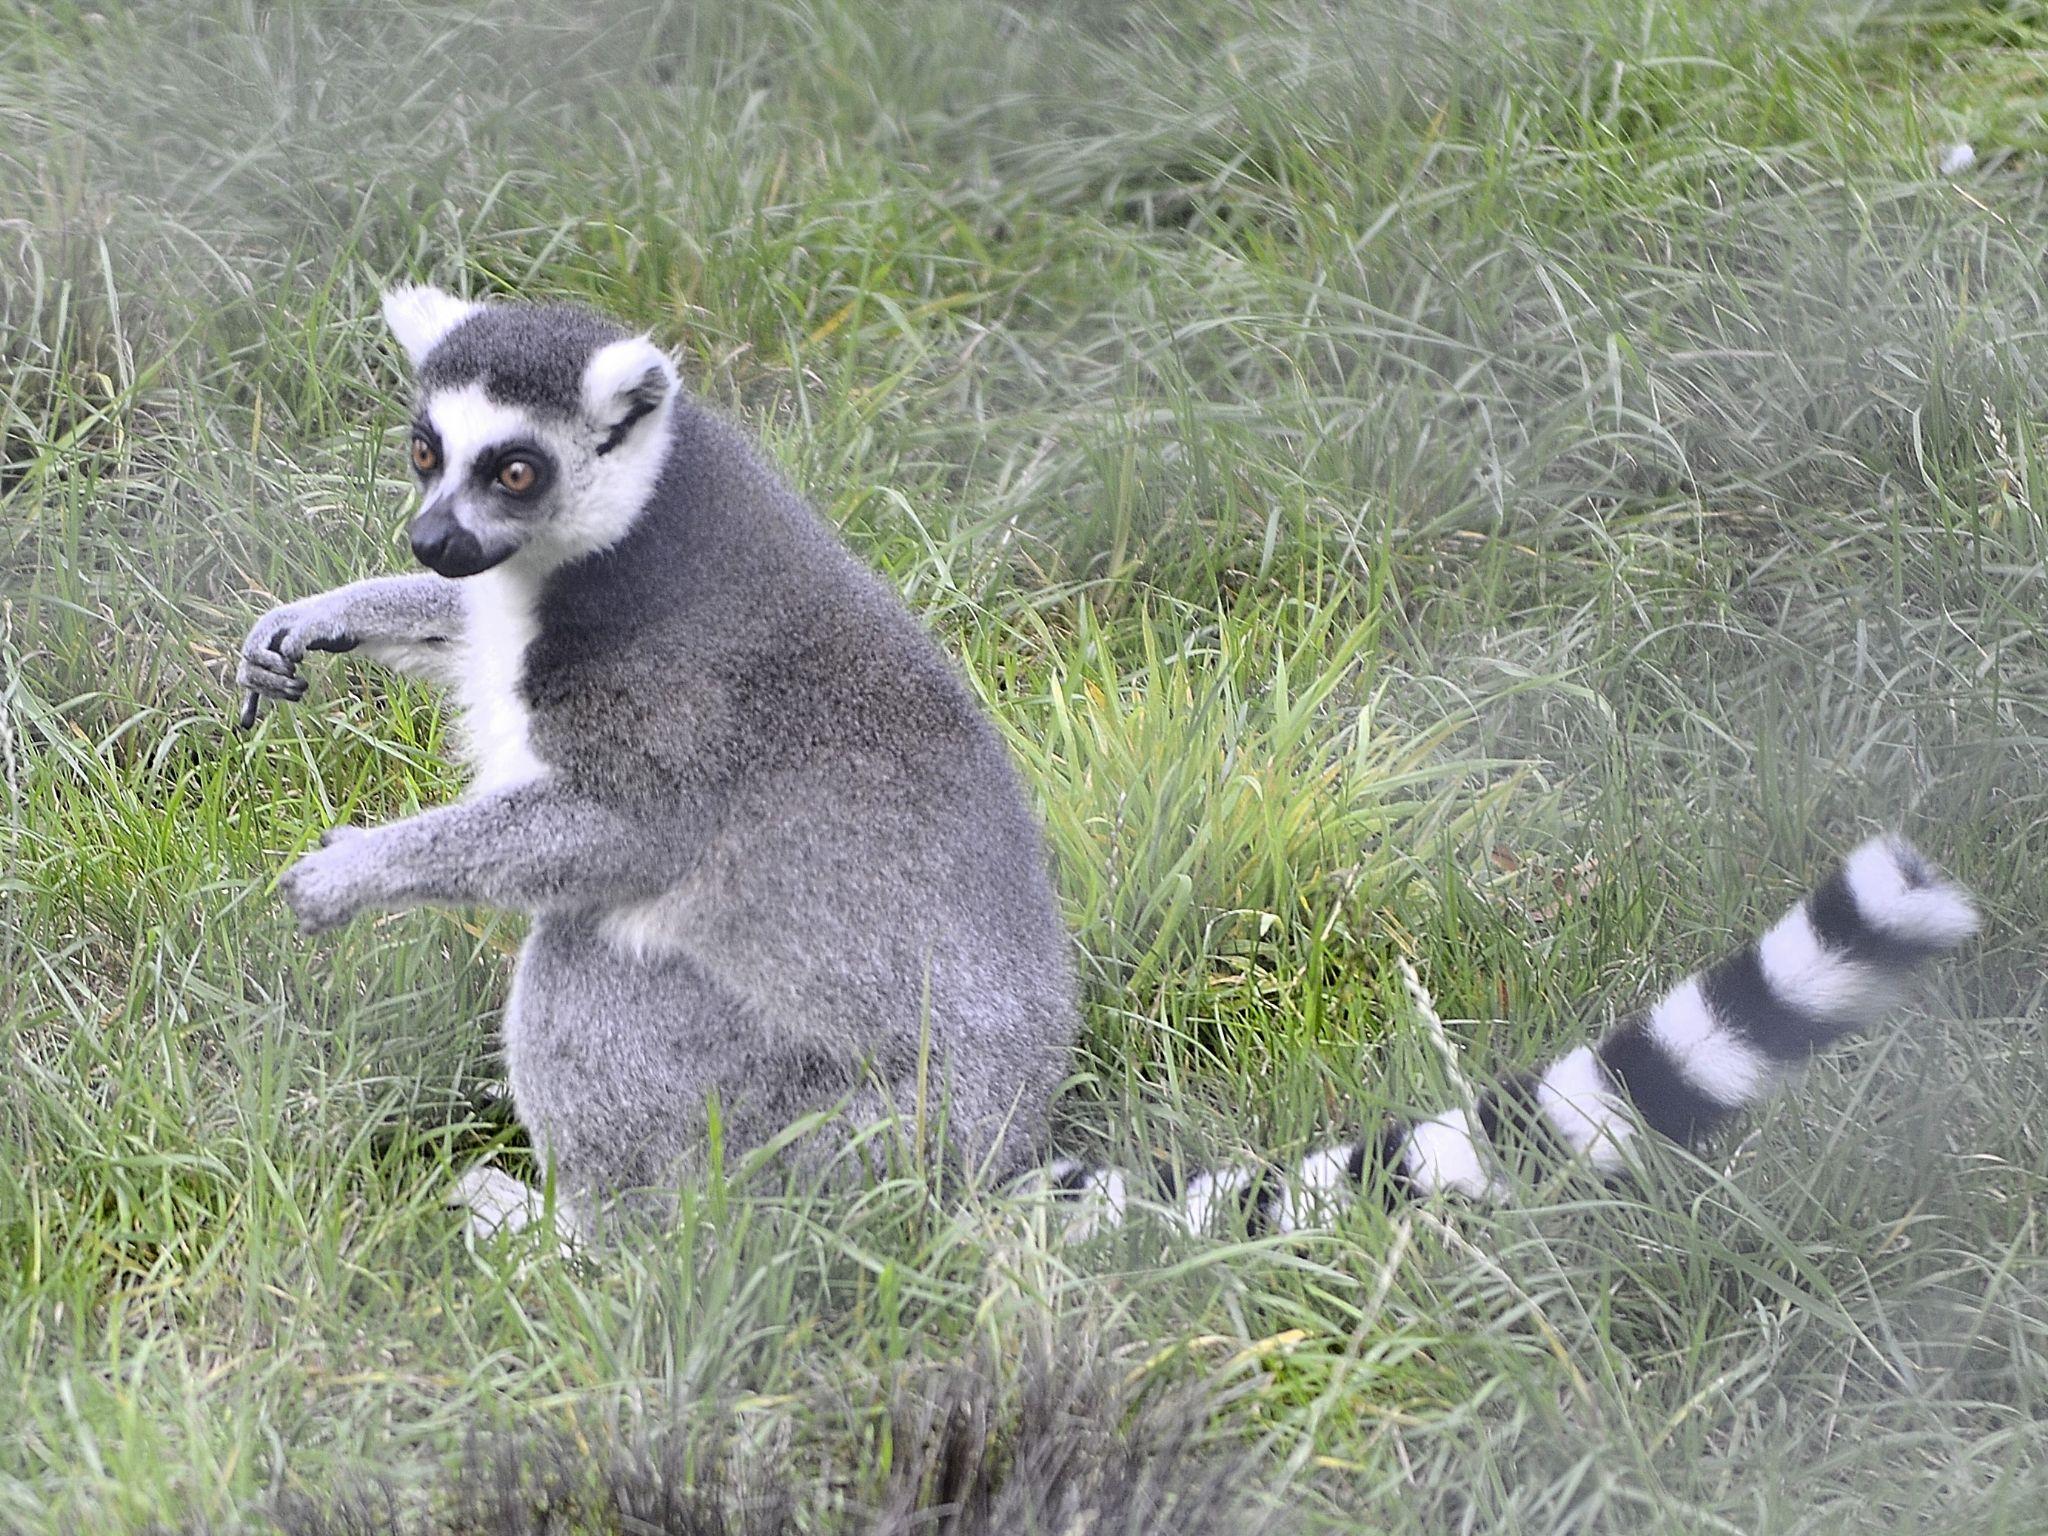 Lemur by goodadvice.com